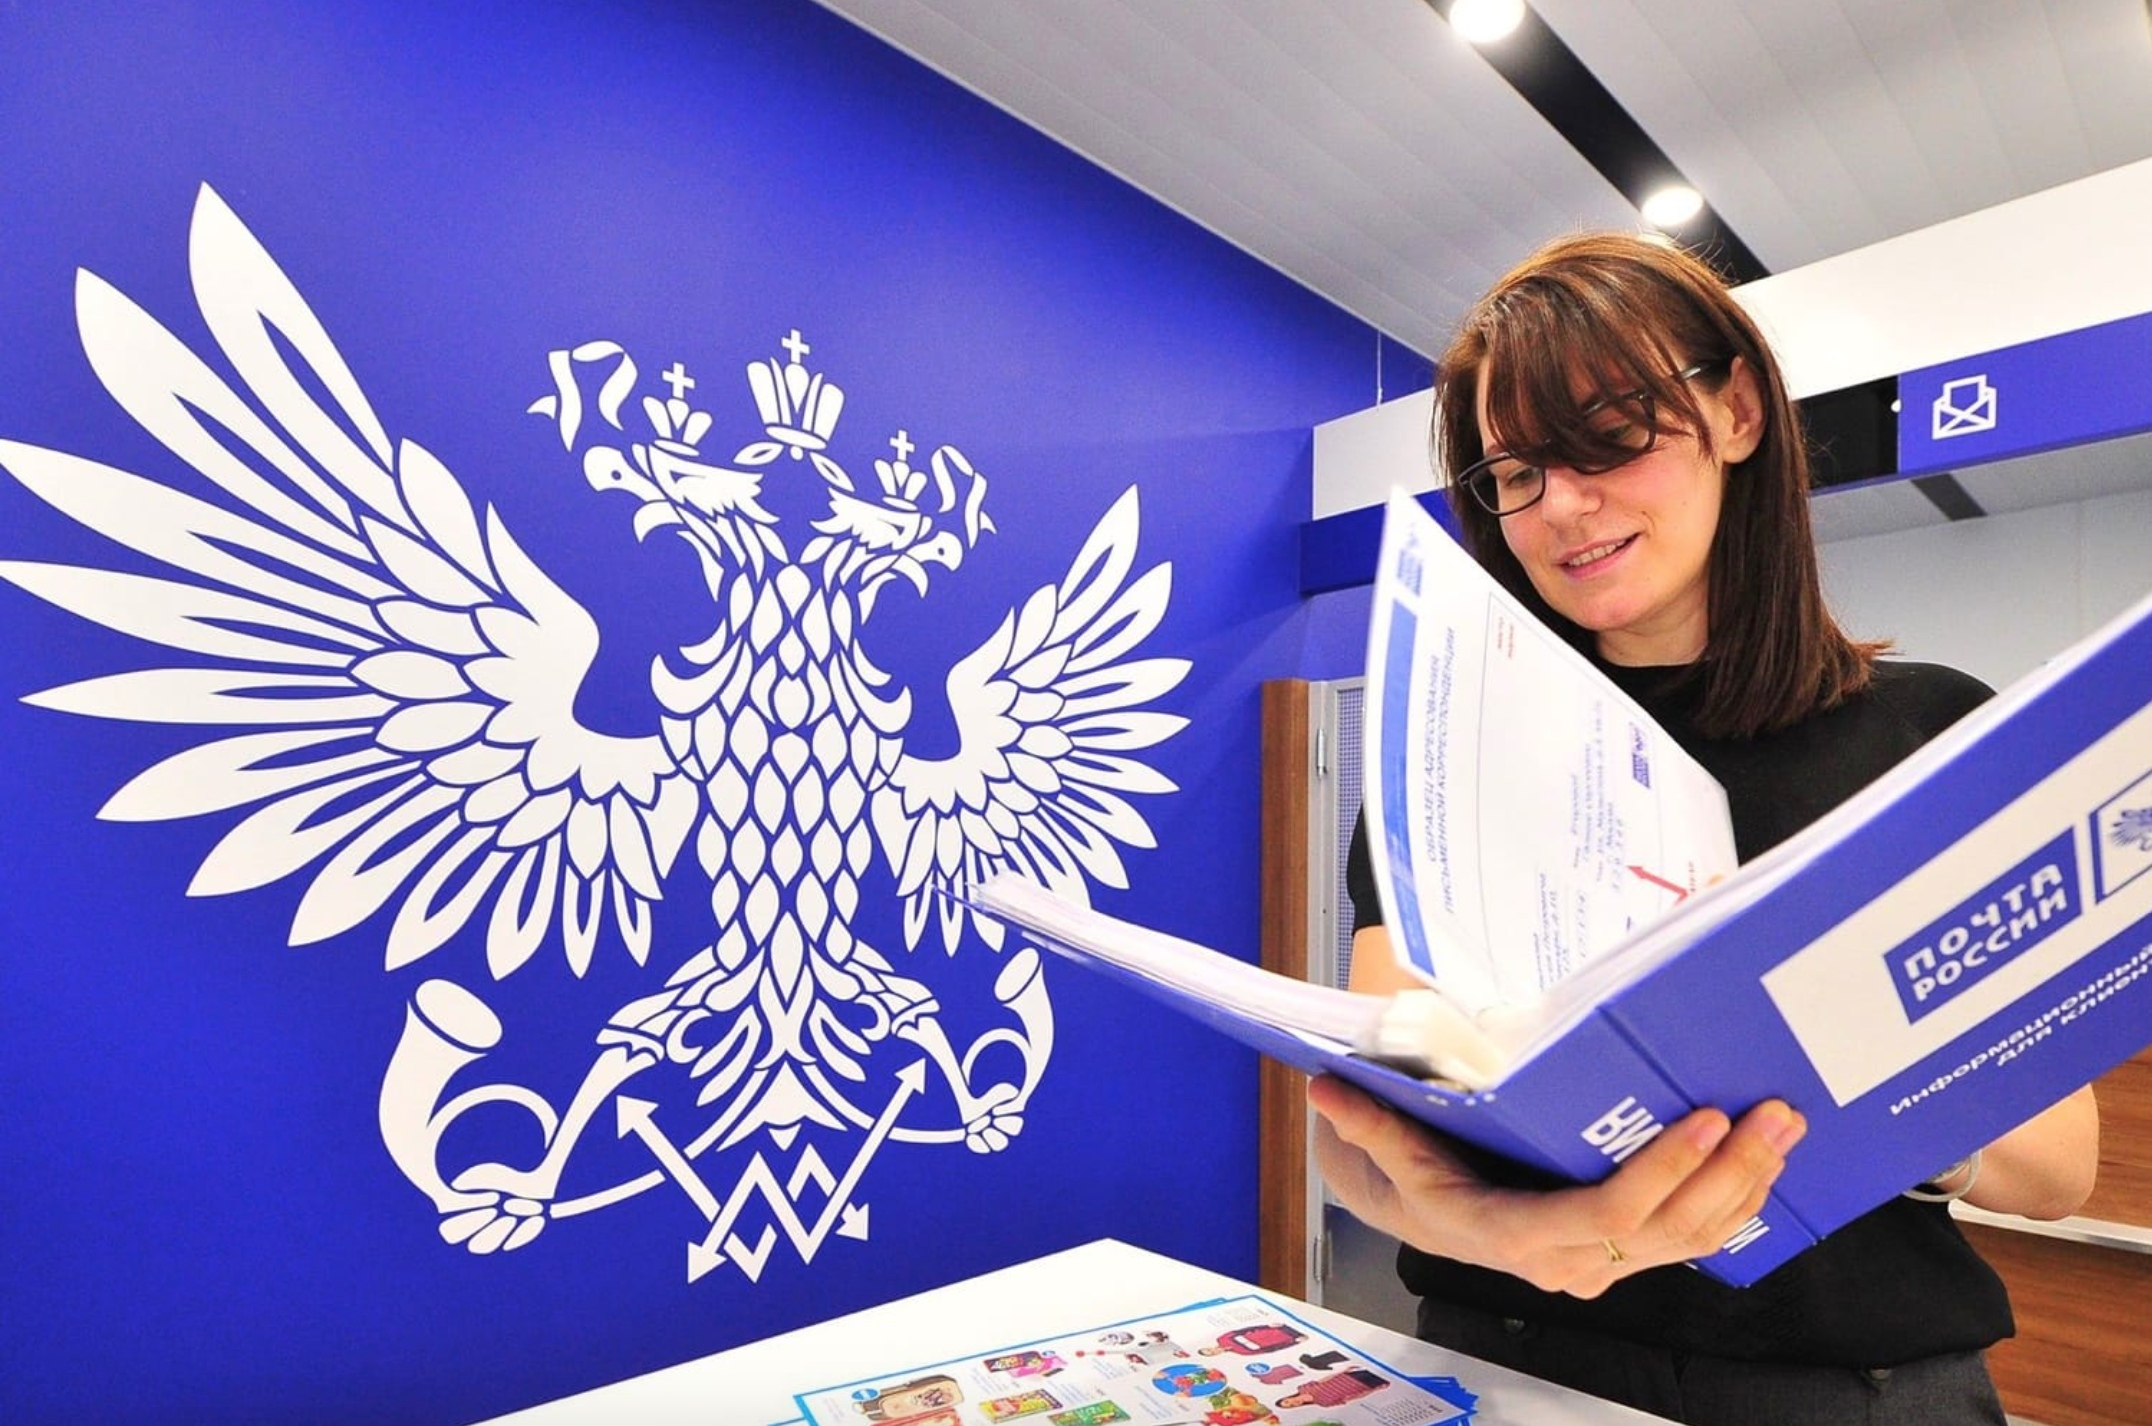 Доставку Почтой России теперь может оплатить получатель посылки